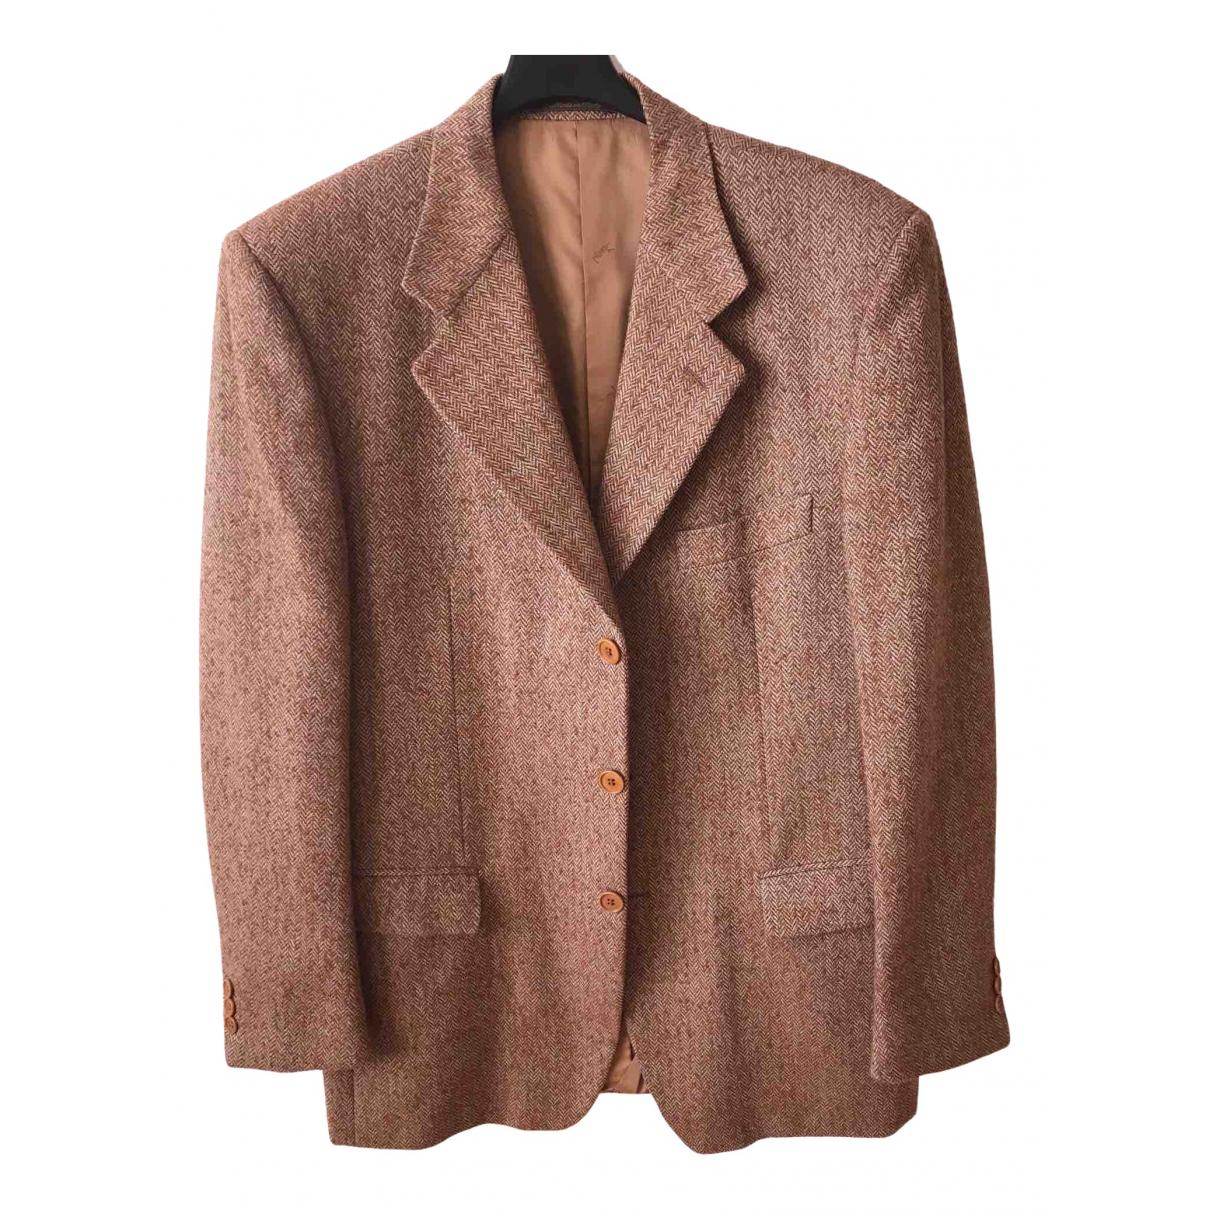 Yves Saint Laurent N Brown Wool jacket  for Men 50 IT